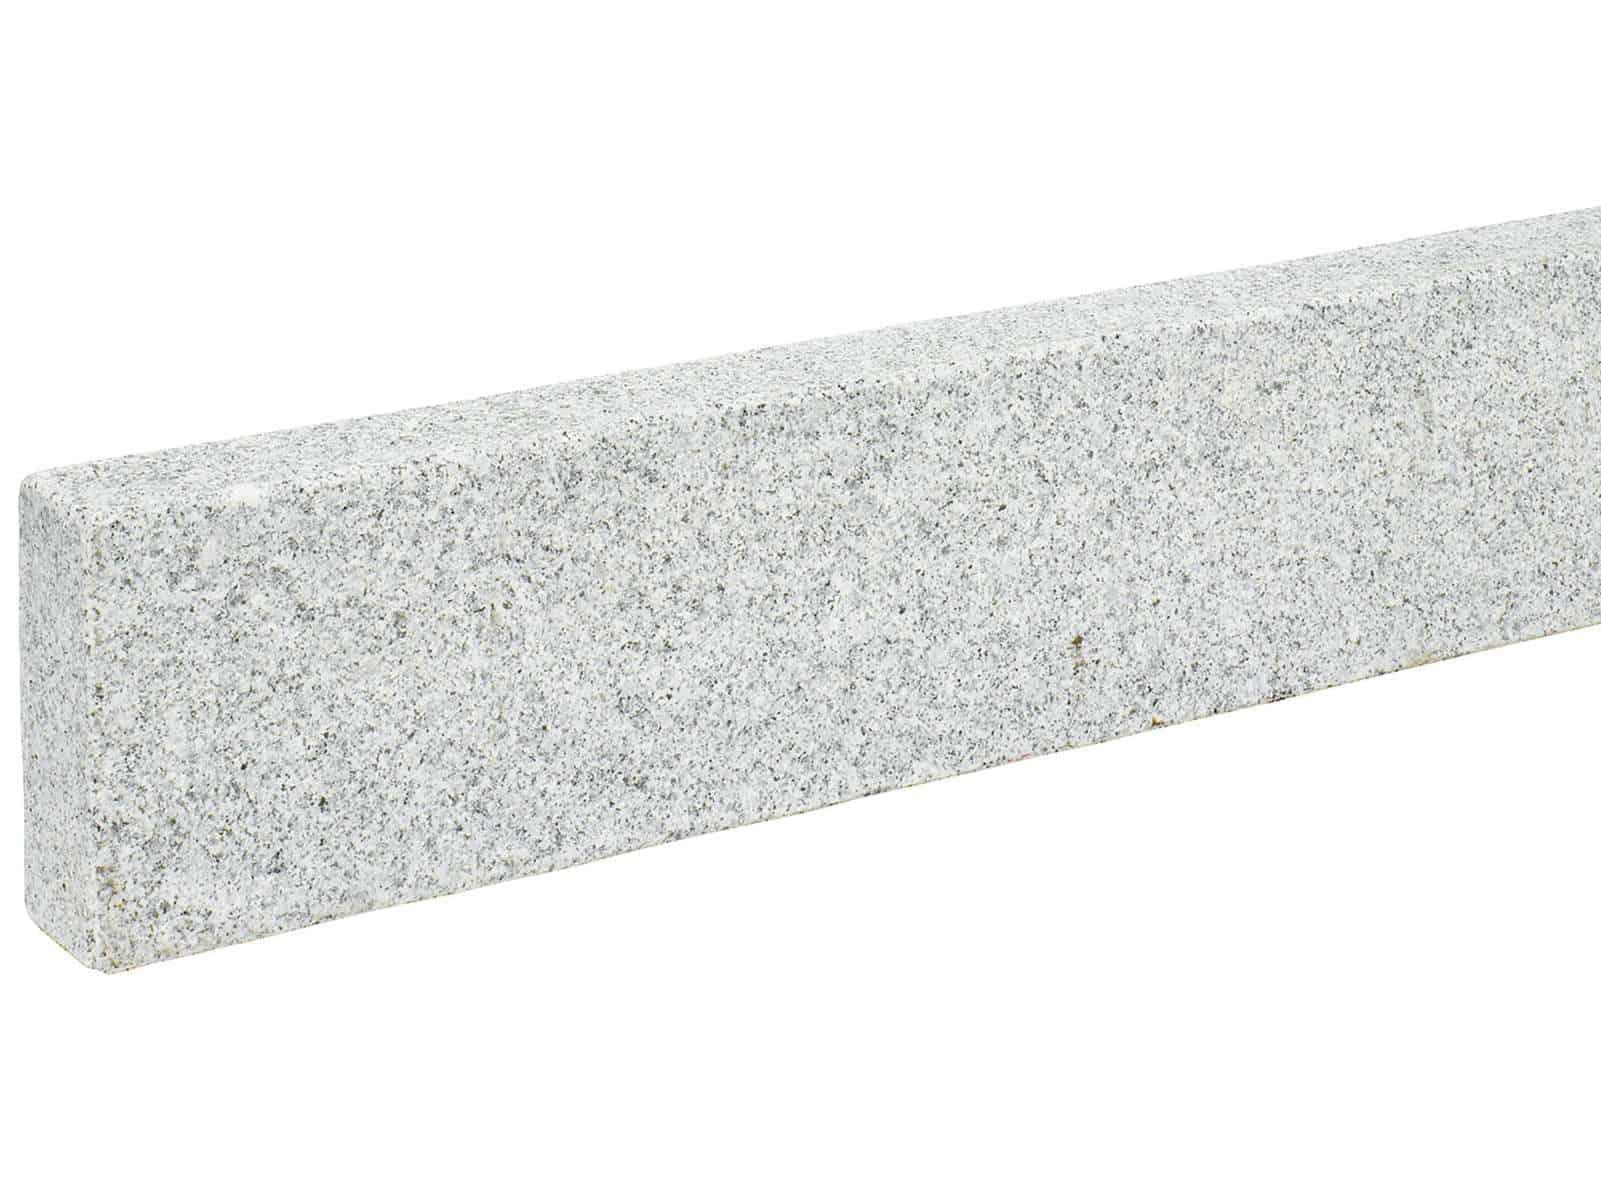 Edelrandstein Granit grau gesägt geflammt